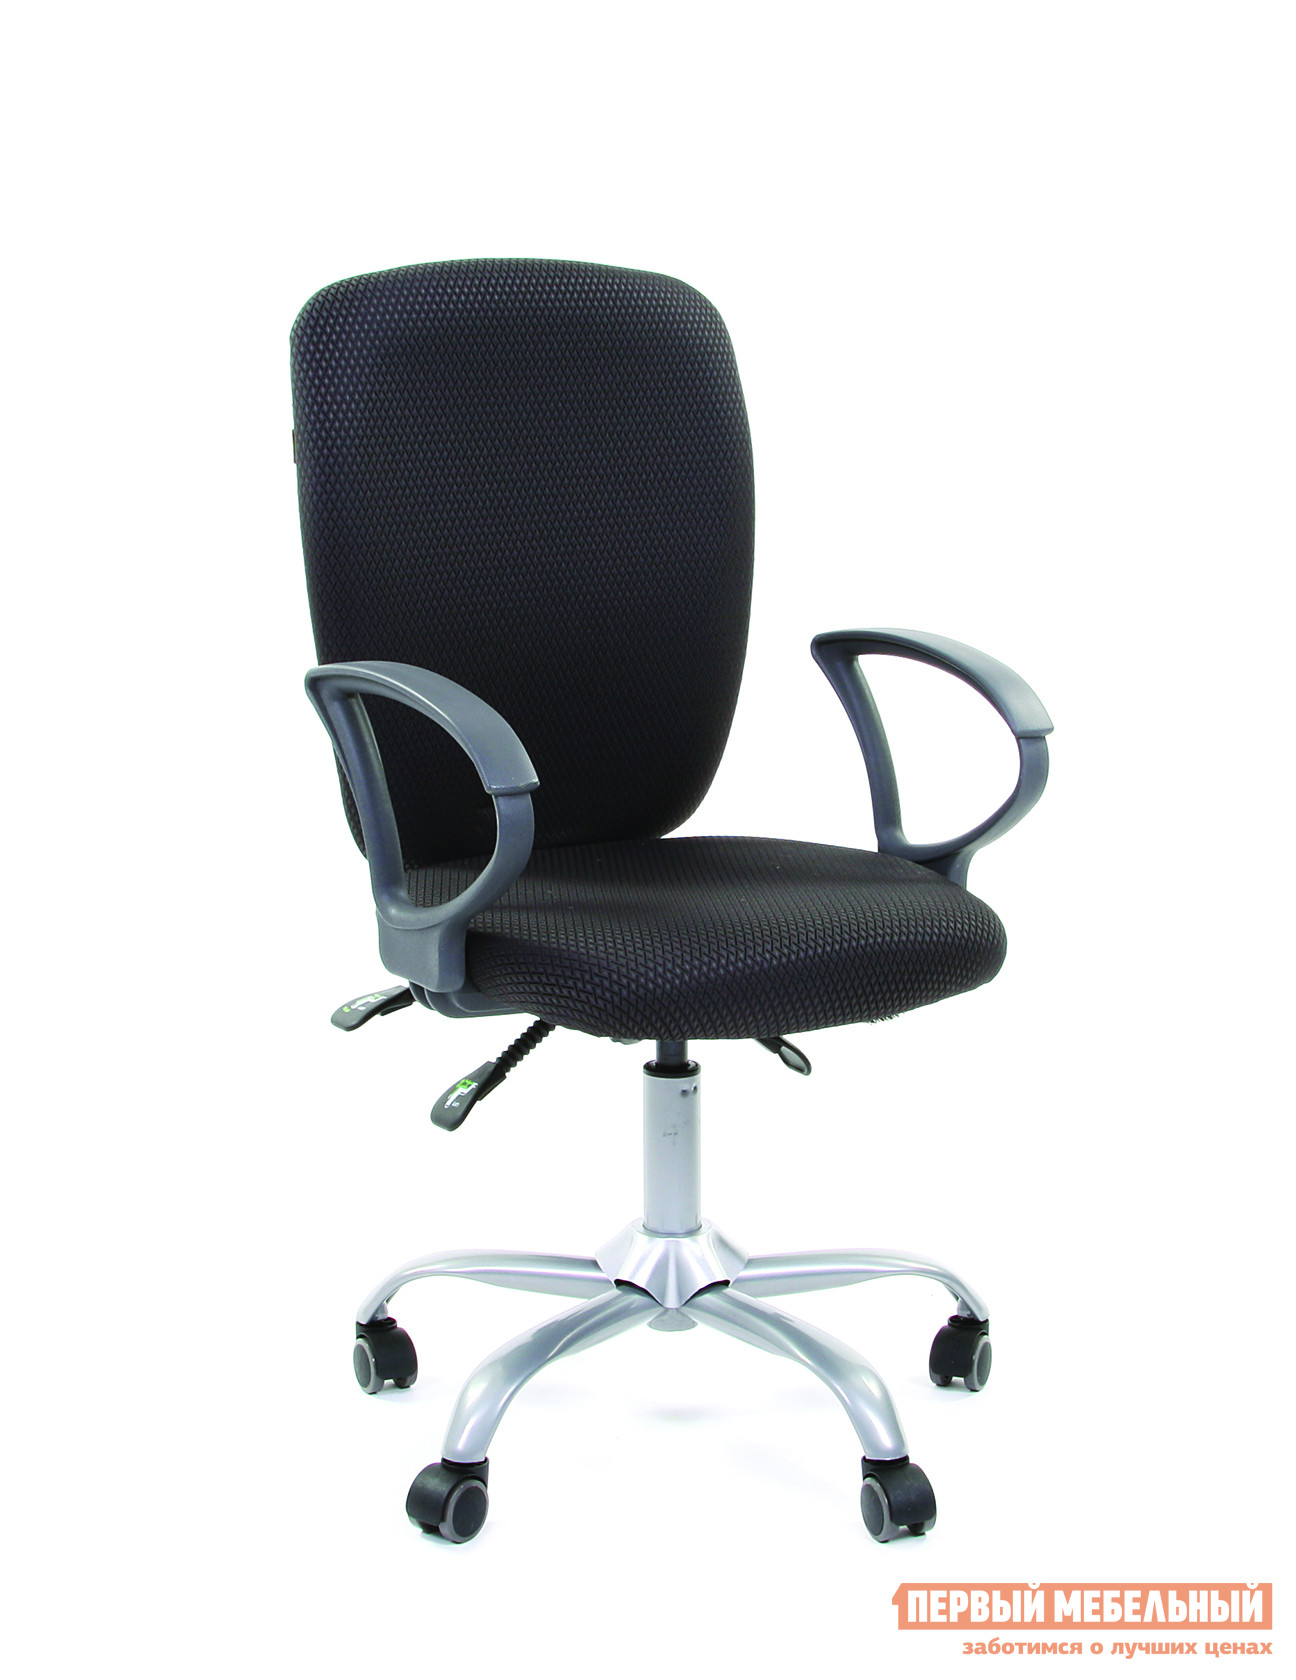 Офисное кресло Тайпит CH 9801 экран тайпит oss 40